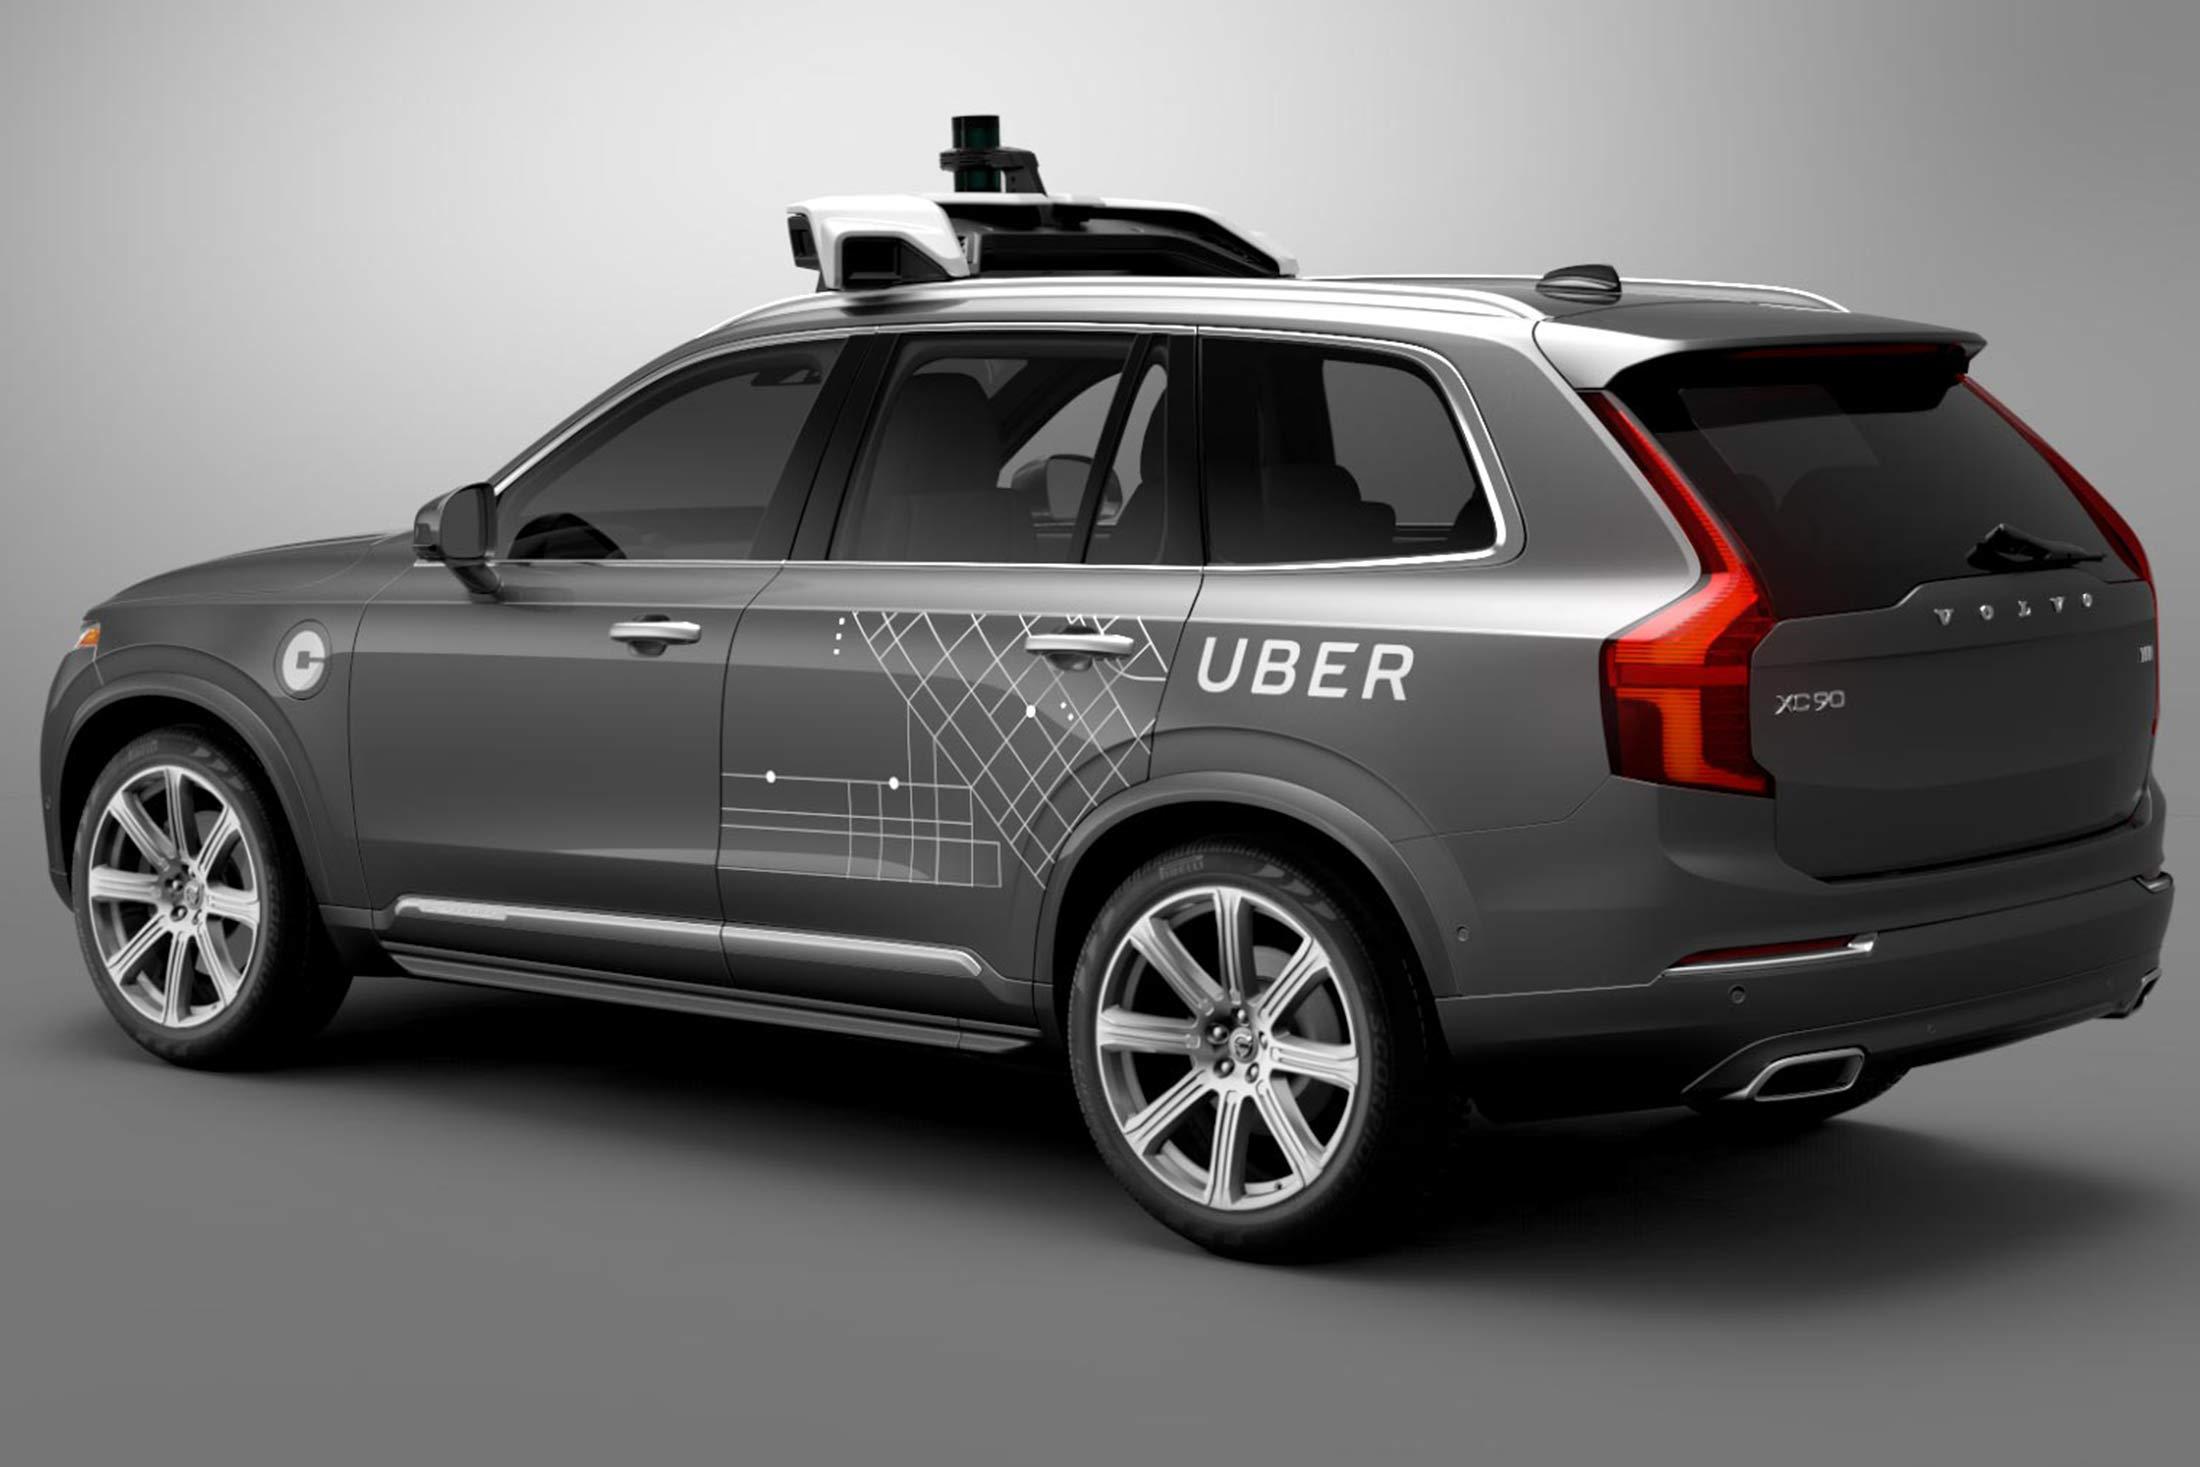 Uber's driverless Volvo